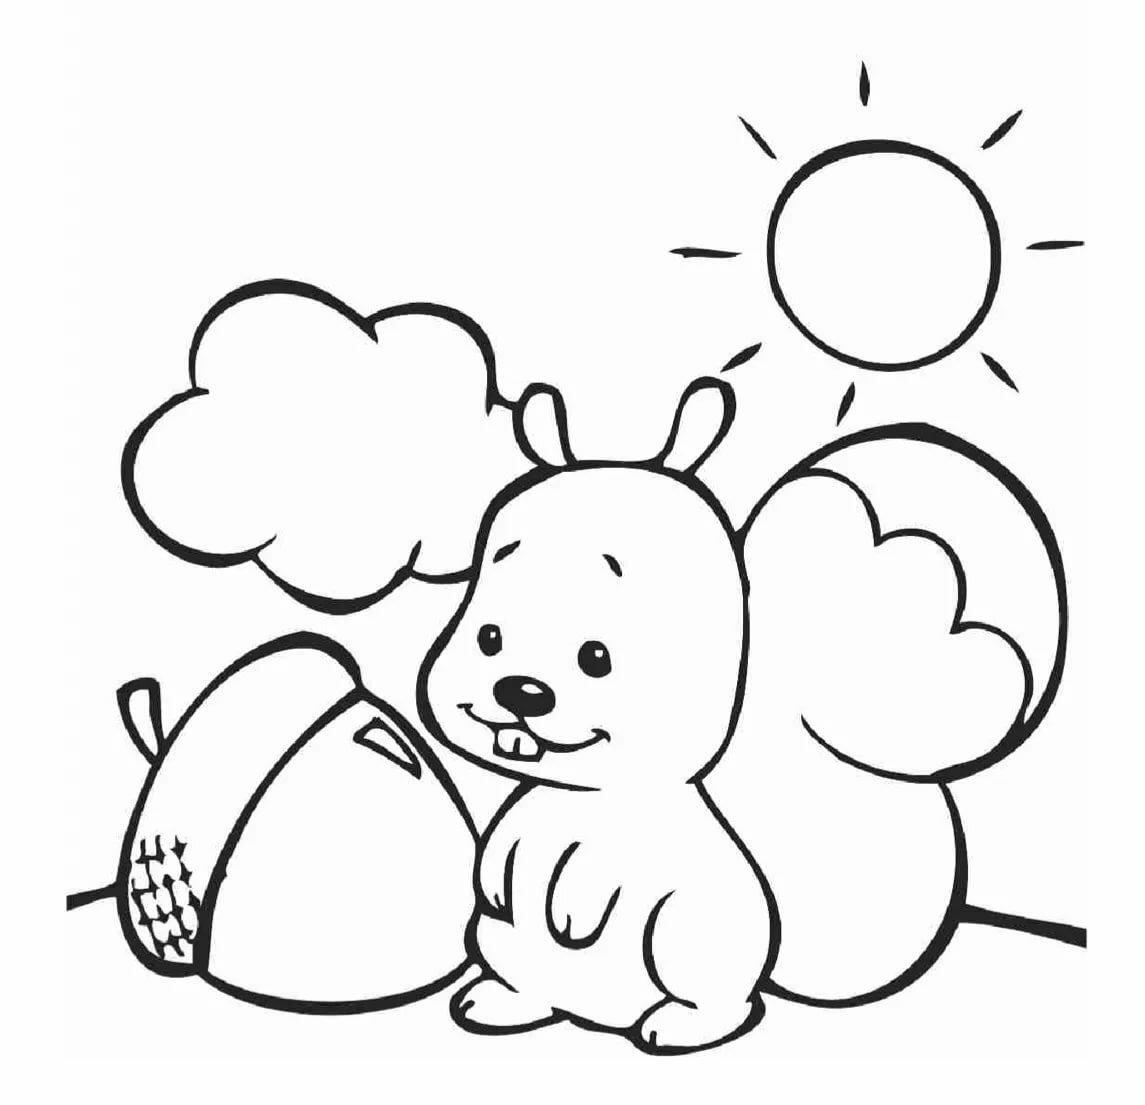 Картинки детские для раскрашивания для распечатки для малышей